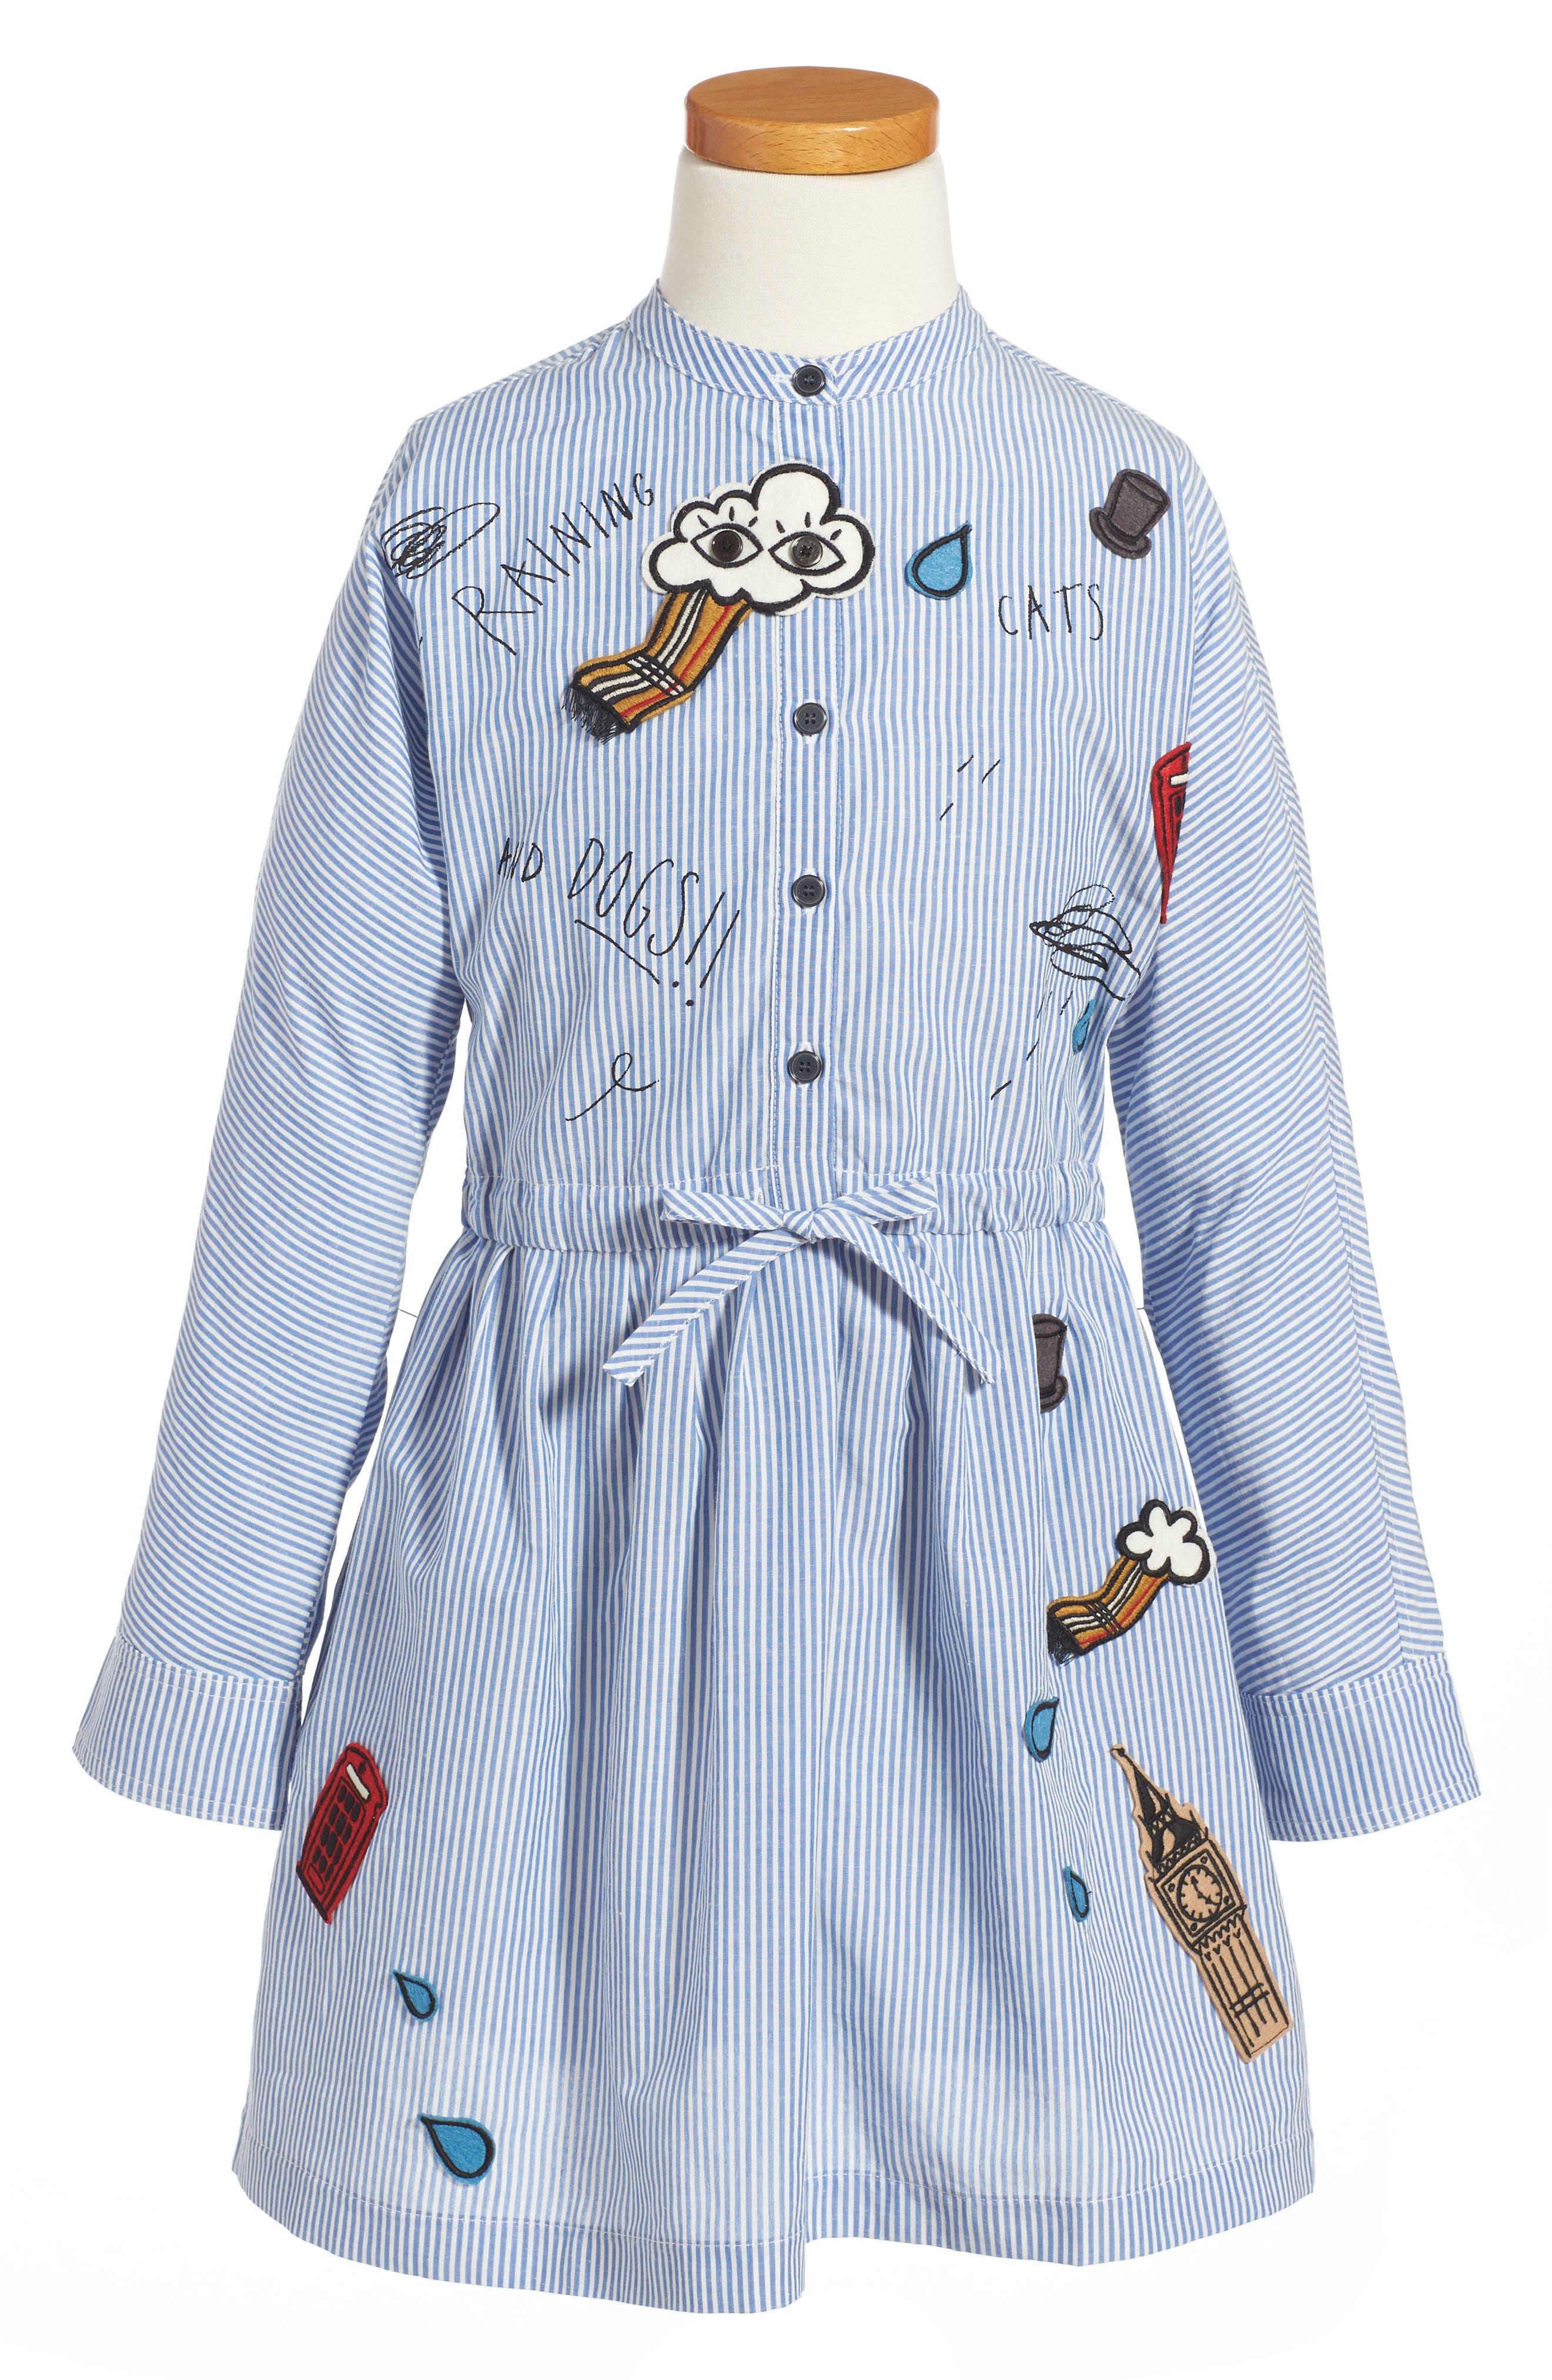 Cristy Patch Dress,                         Main,                         color, Pale Blue/ White